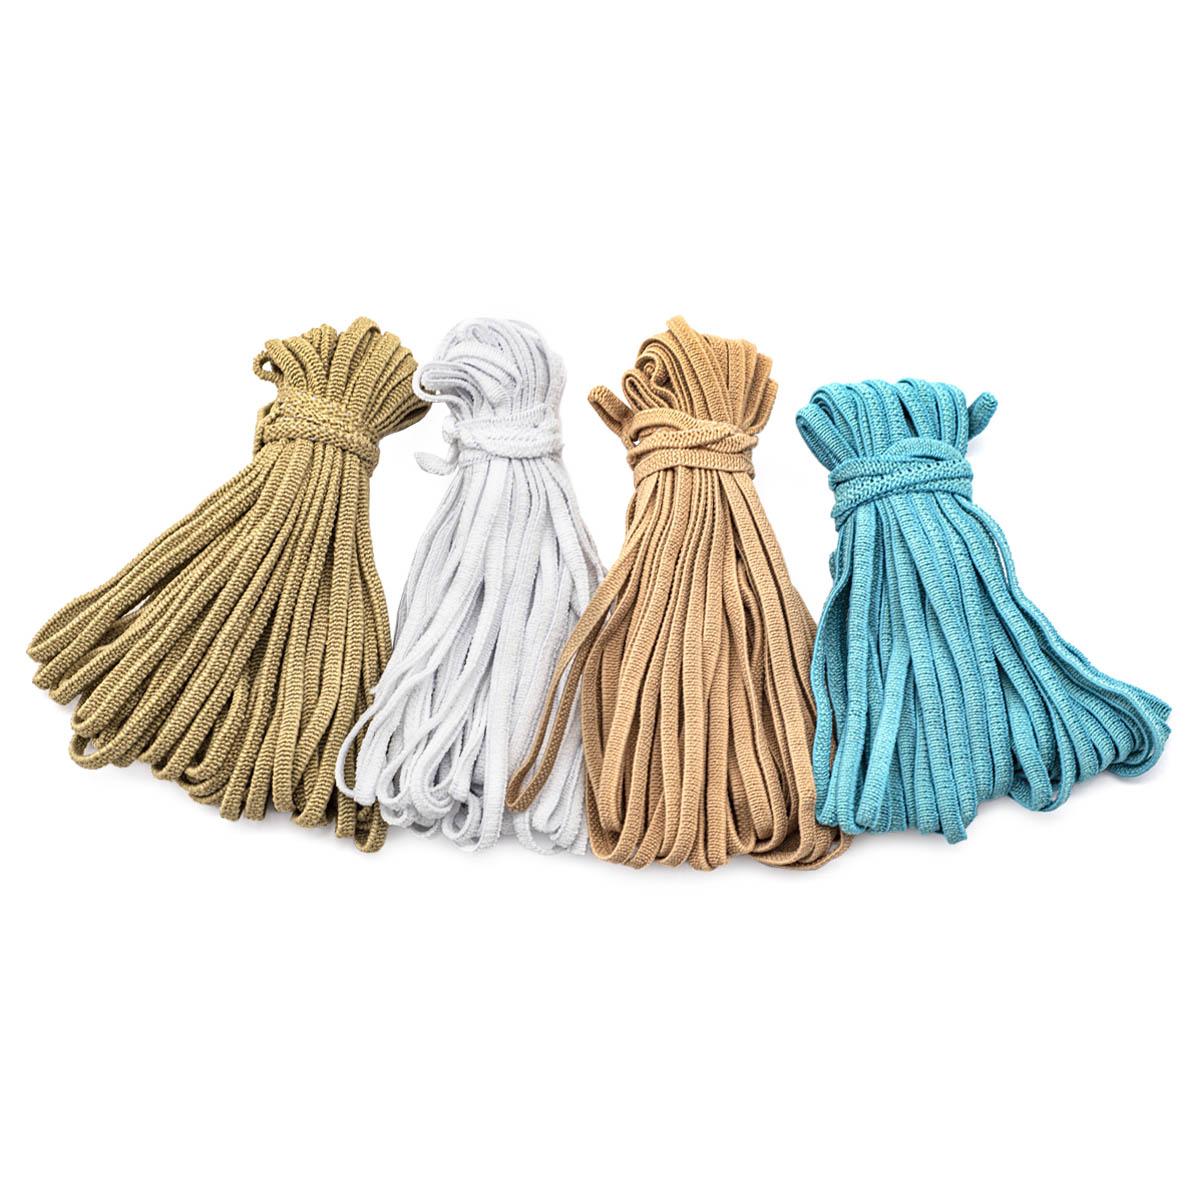 Резинка мягкая масочная 4мм (4*10м), бел., беж, лен, гол.